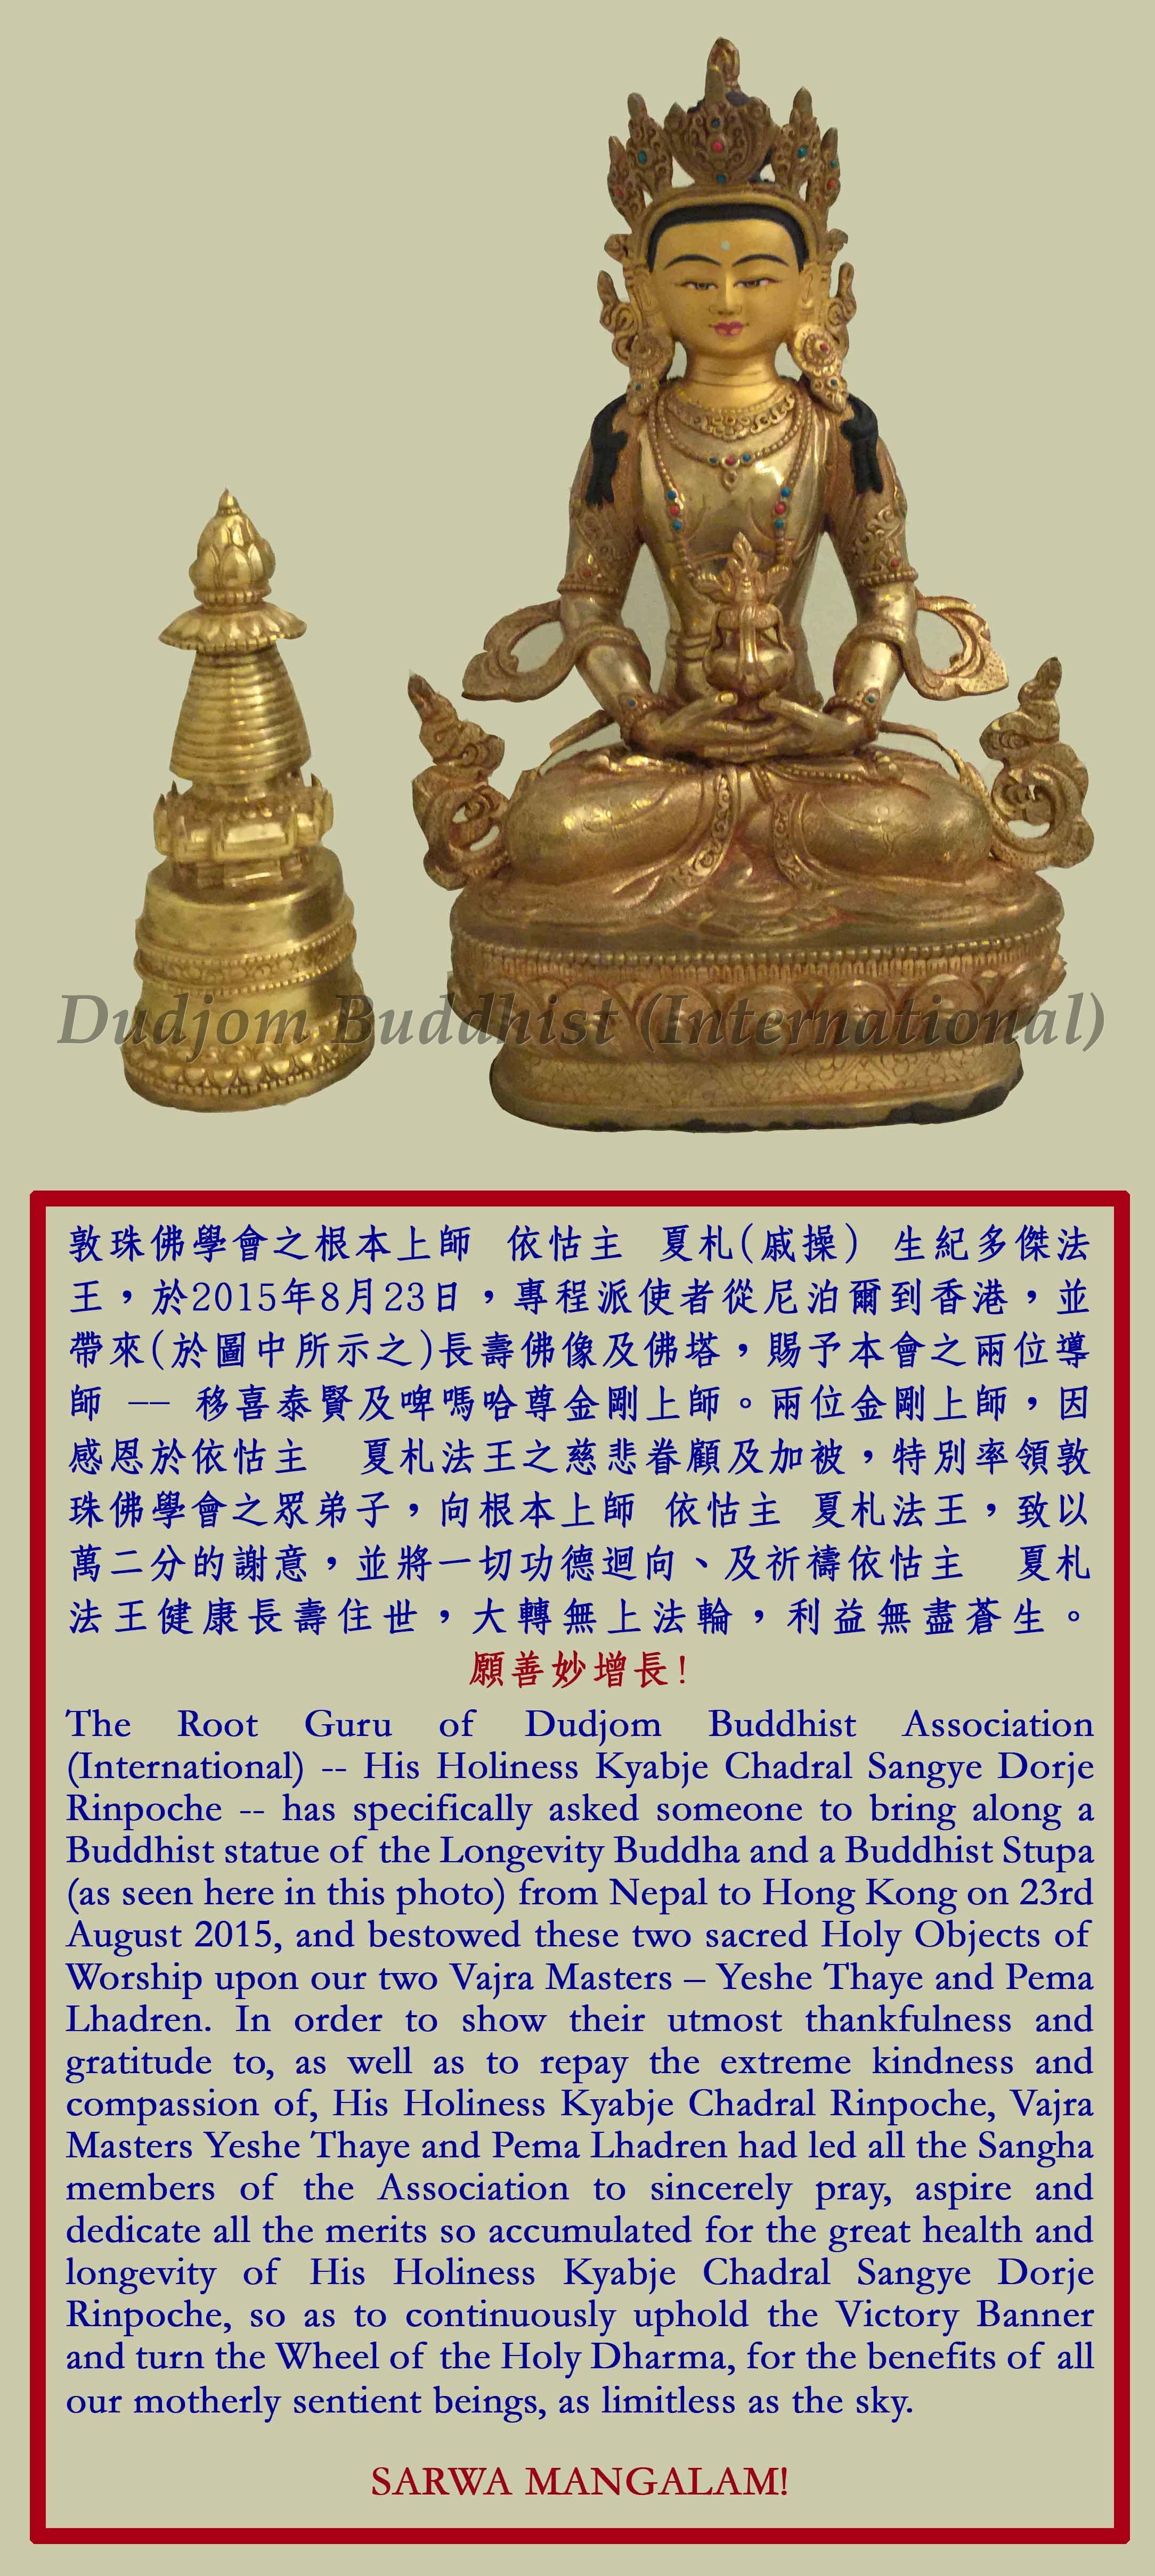 HH Kyabje Chadral Rinpoche's Bestowal of Longevity Buddha Statue & Chorten to Yeshe Thaye & Pema Lhadren (23 Aug 2015)